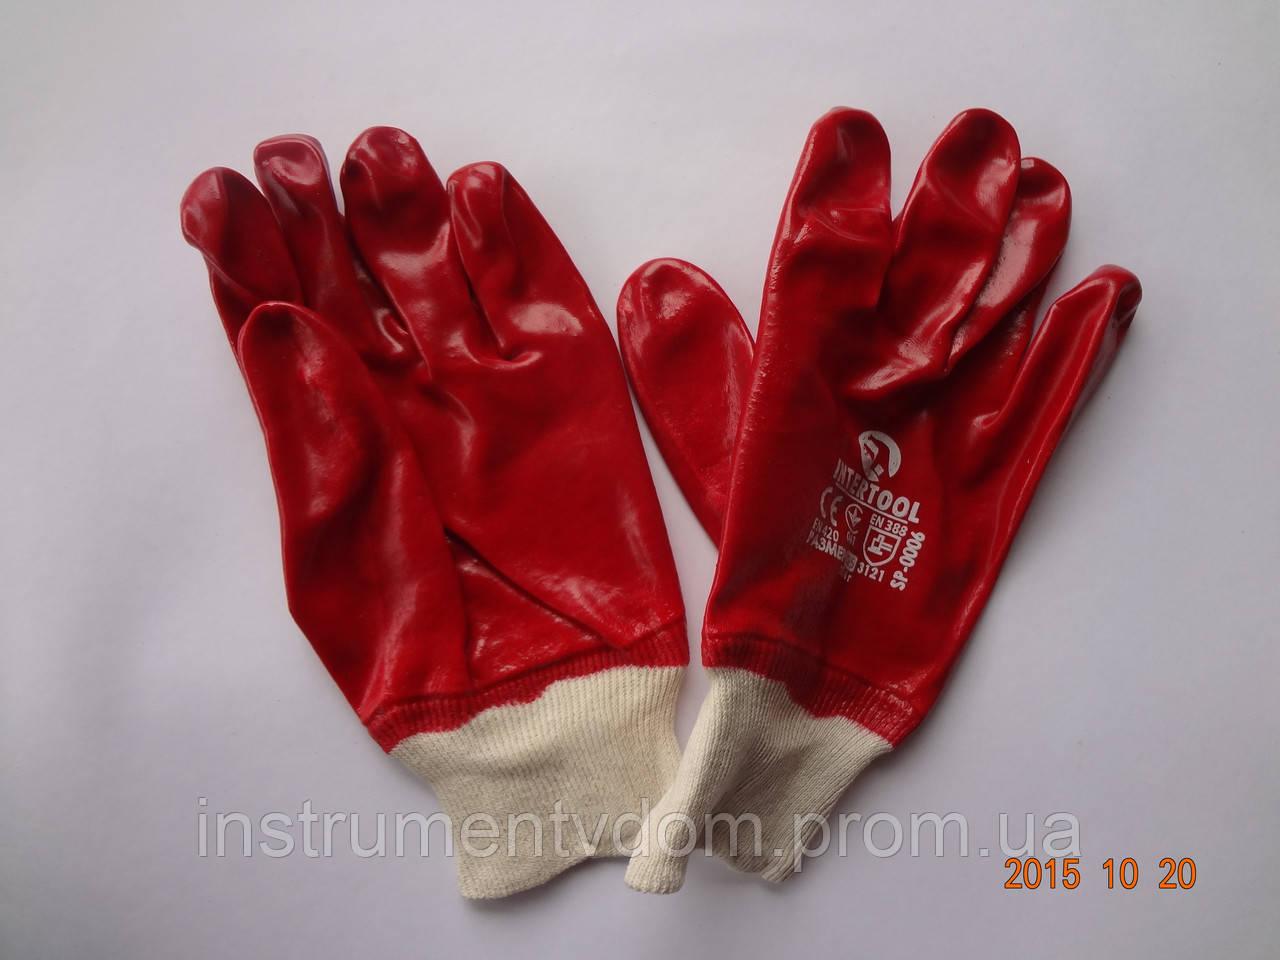 Перчатки красные бензомаслостойкие х/б с ПВХ покрытием INTERTOOL SP-0006 (упаковка 12 пар)